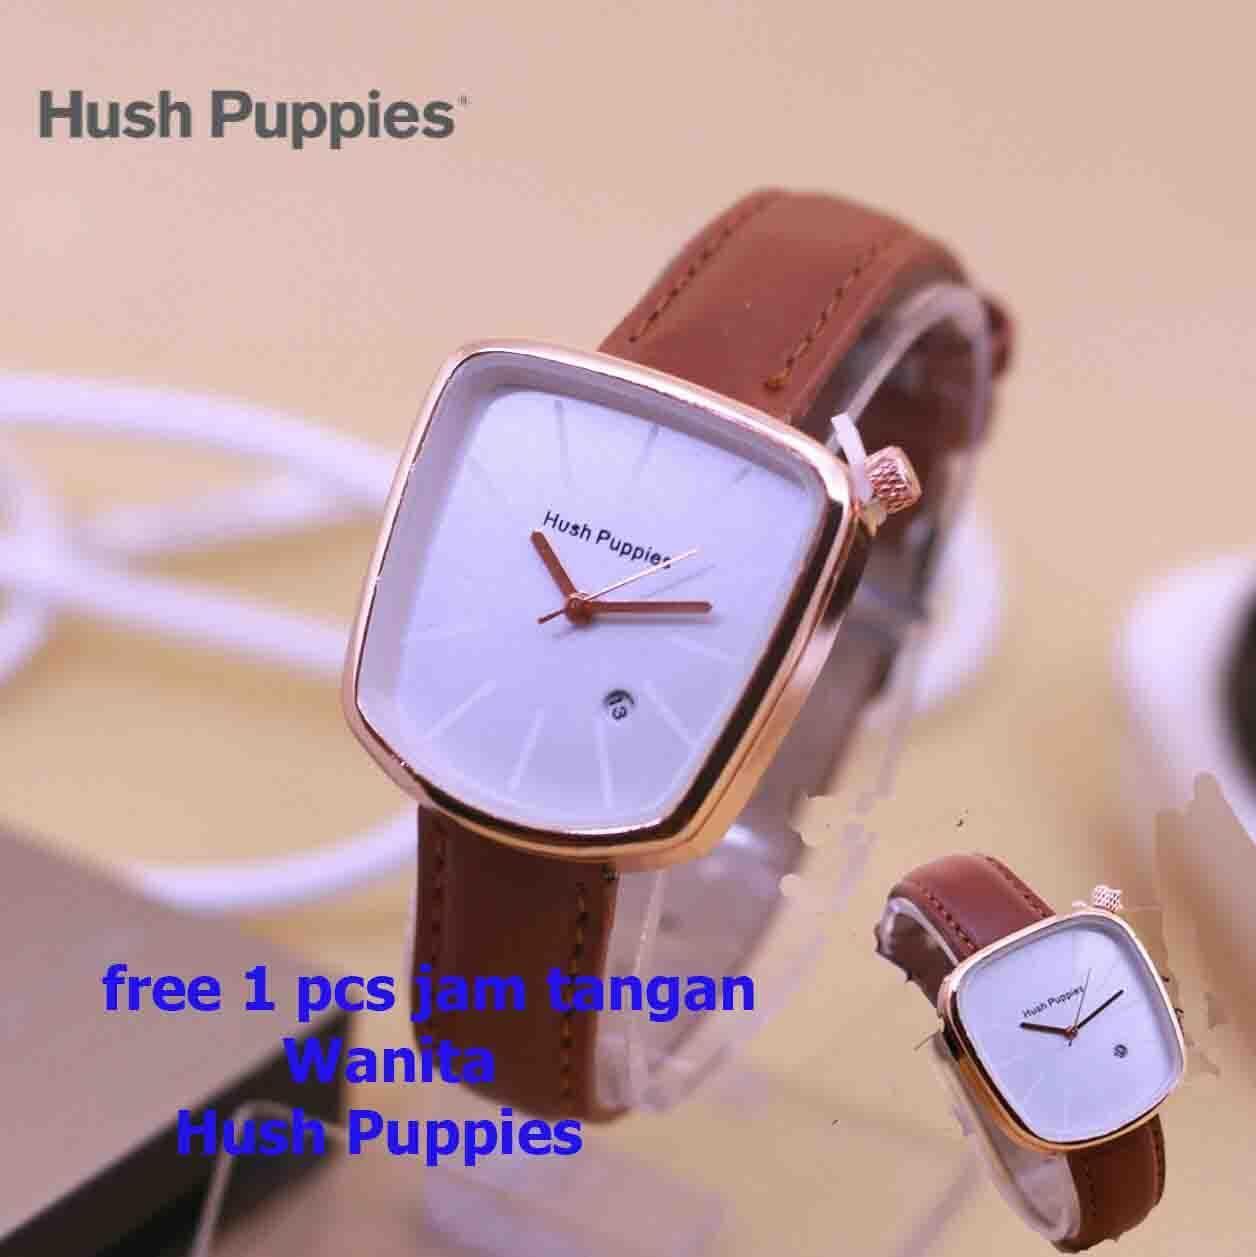 jam tangan wanita cantik-casual dan fashion hush pupies - abal-swiss army-fossil - tanggal - tali coklat tua free 1 pcs box dan free 1 pcs jam tangan hush puppies wanita